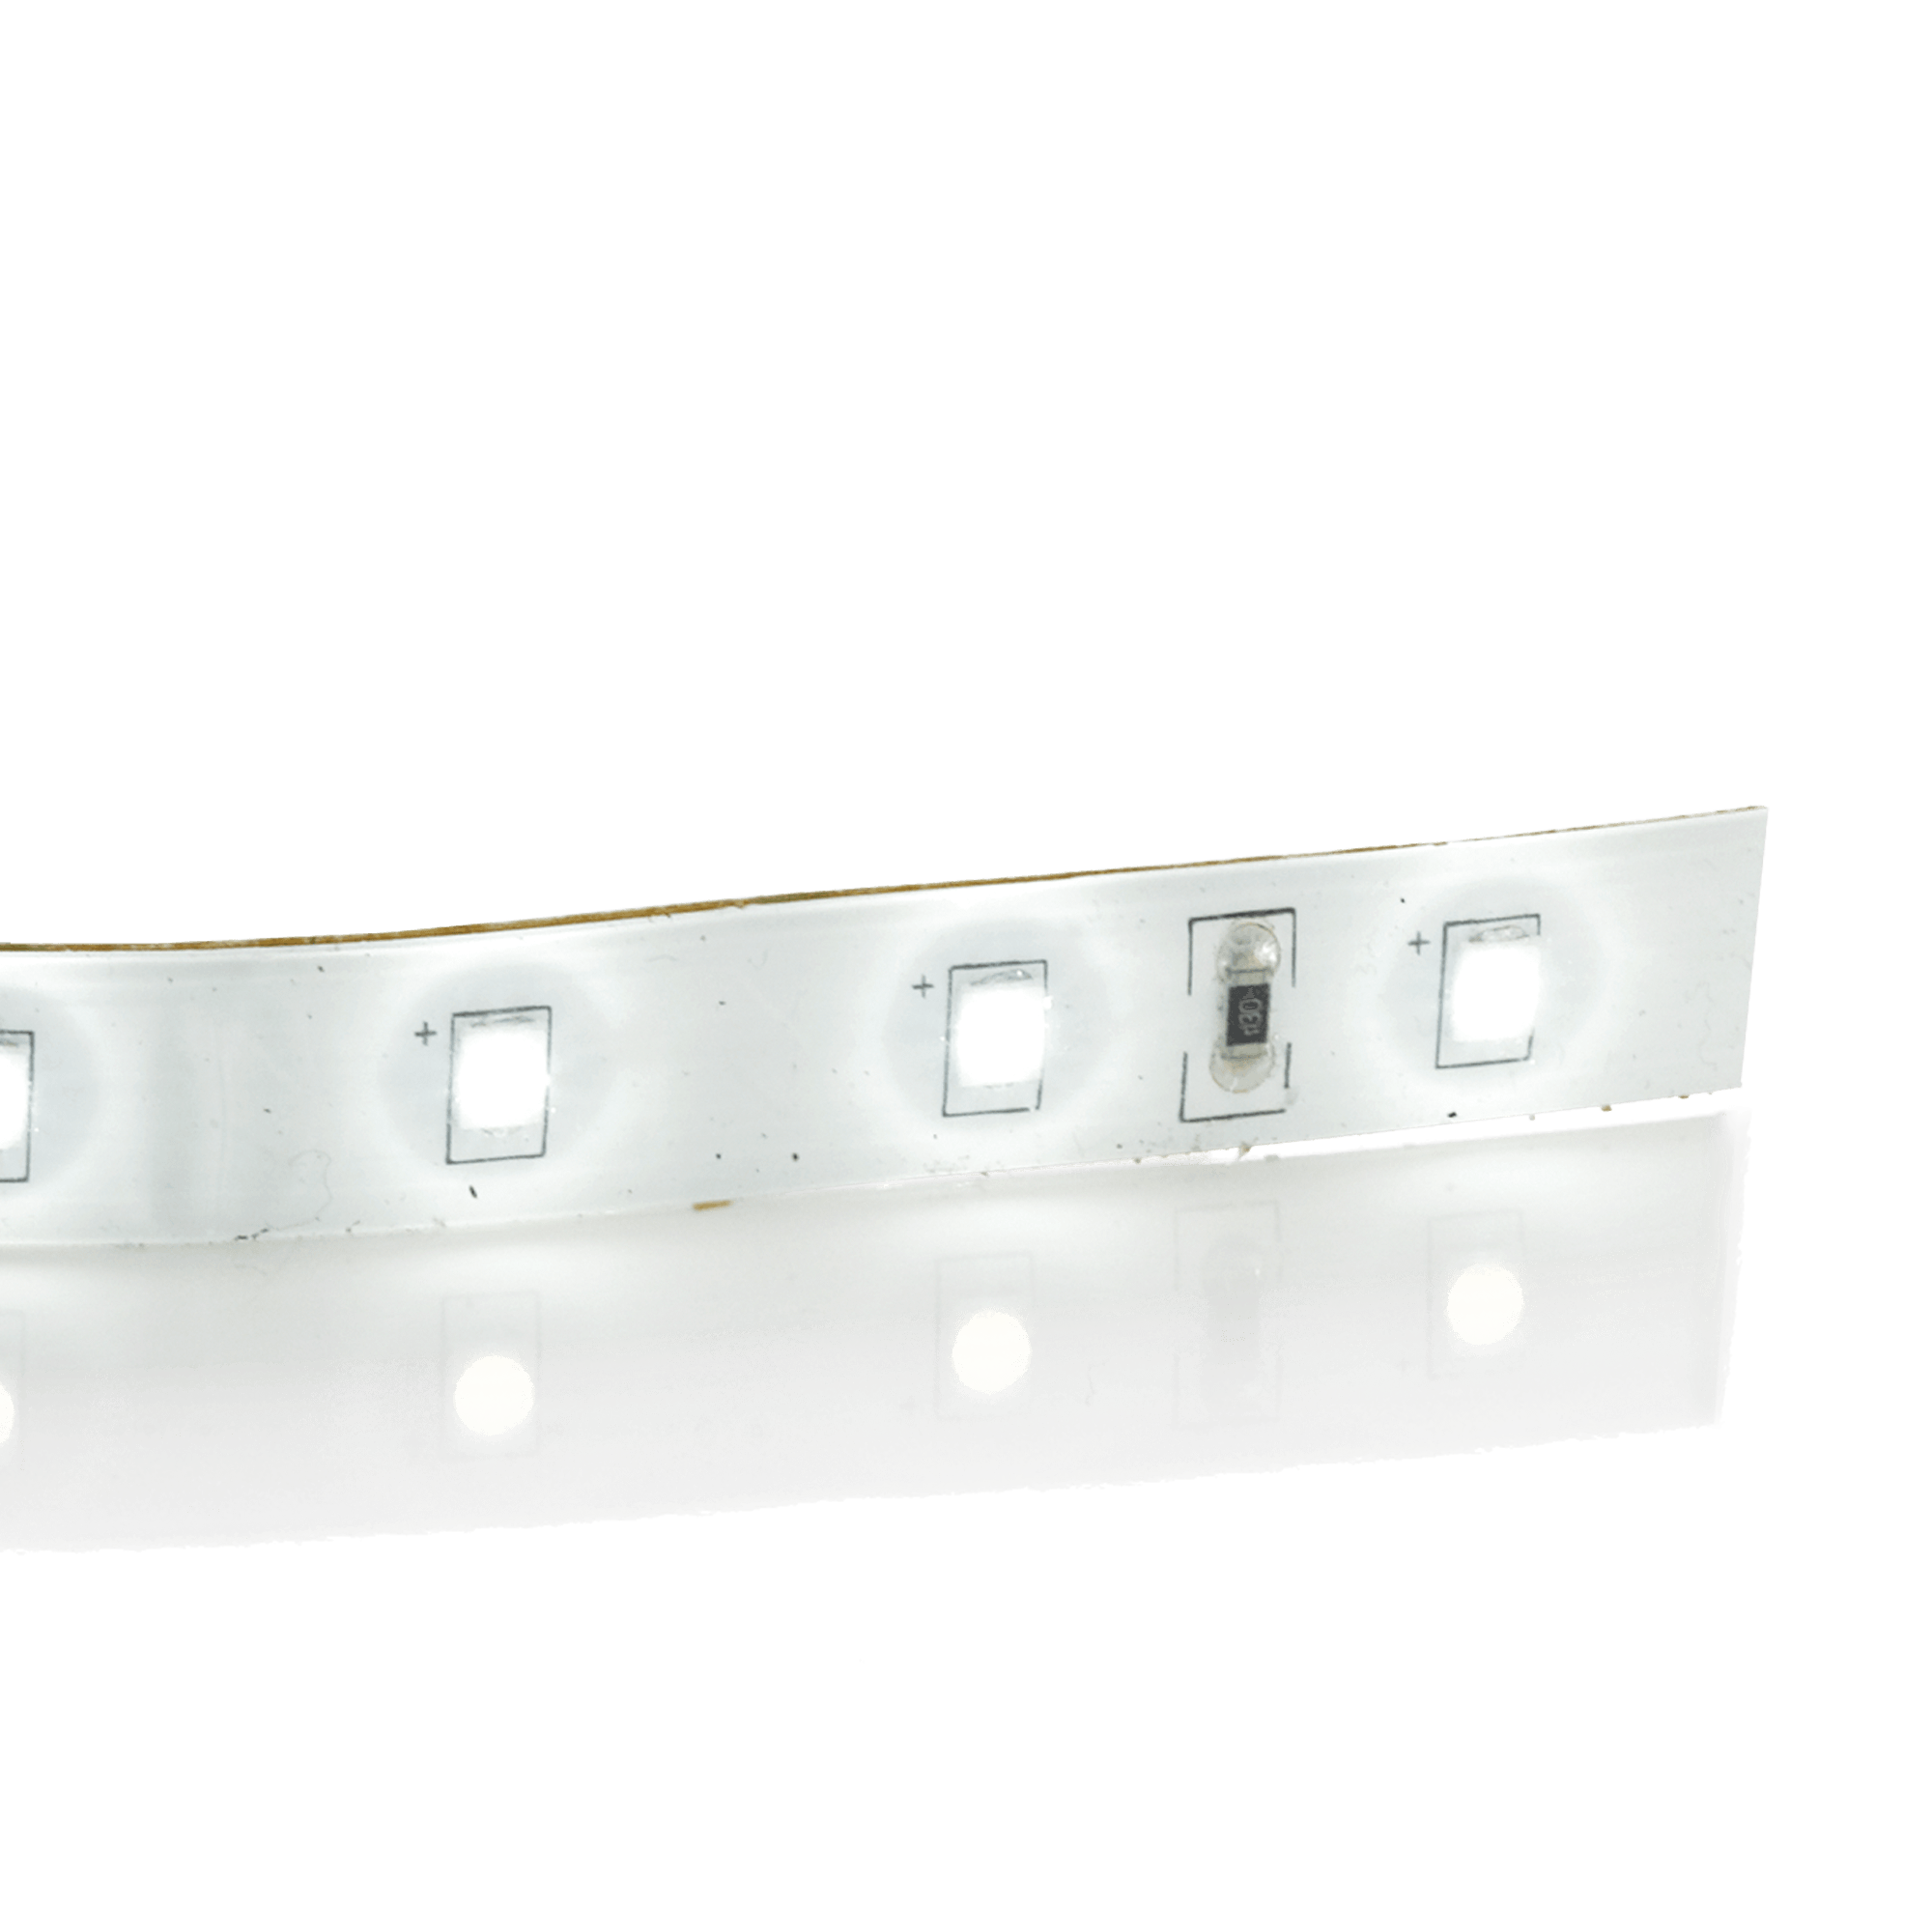 Светодиодная лента Ideal Lux LAMPADINA STRIP LED 13W 4000K IP65 124063 IP65 SMD 2835 24V - фото 1